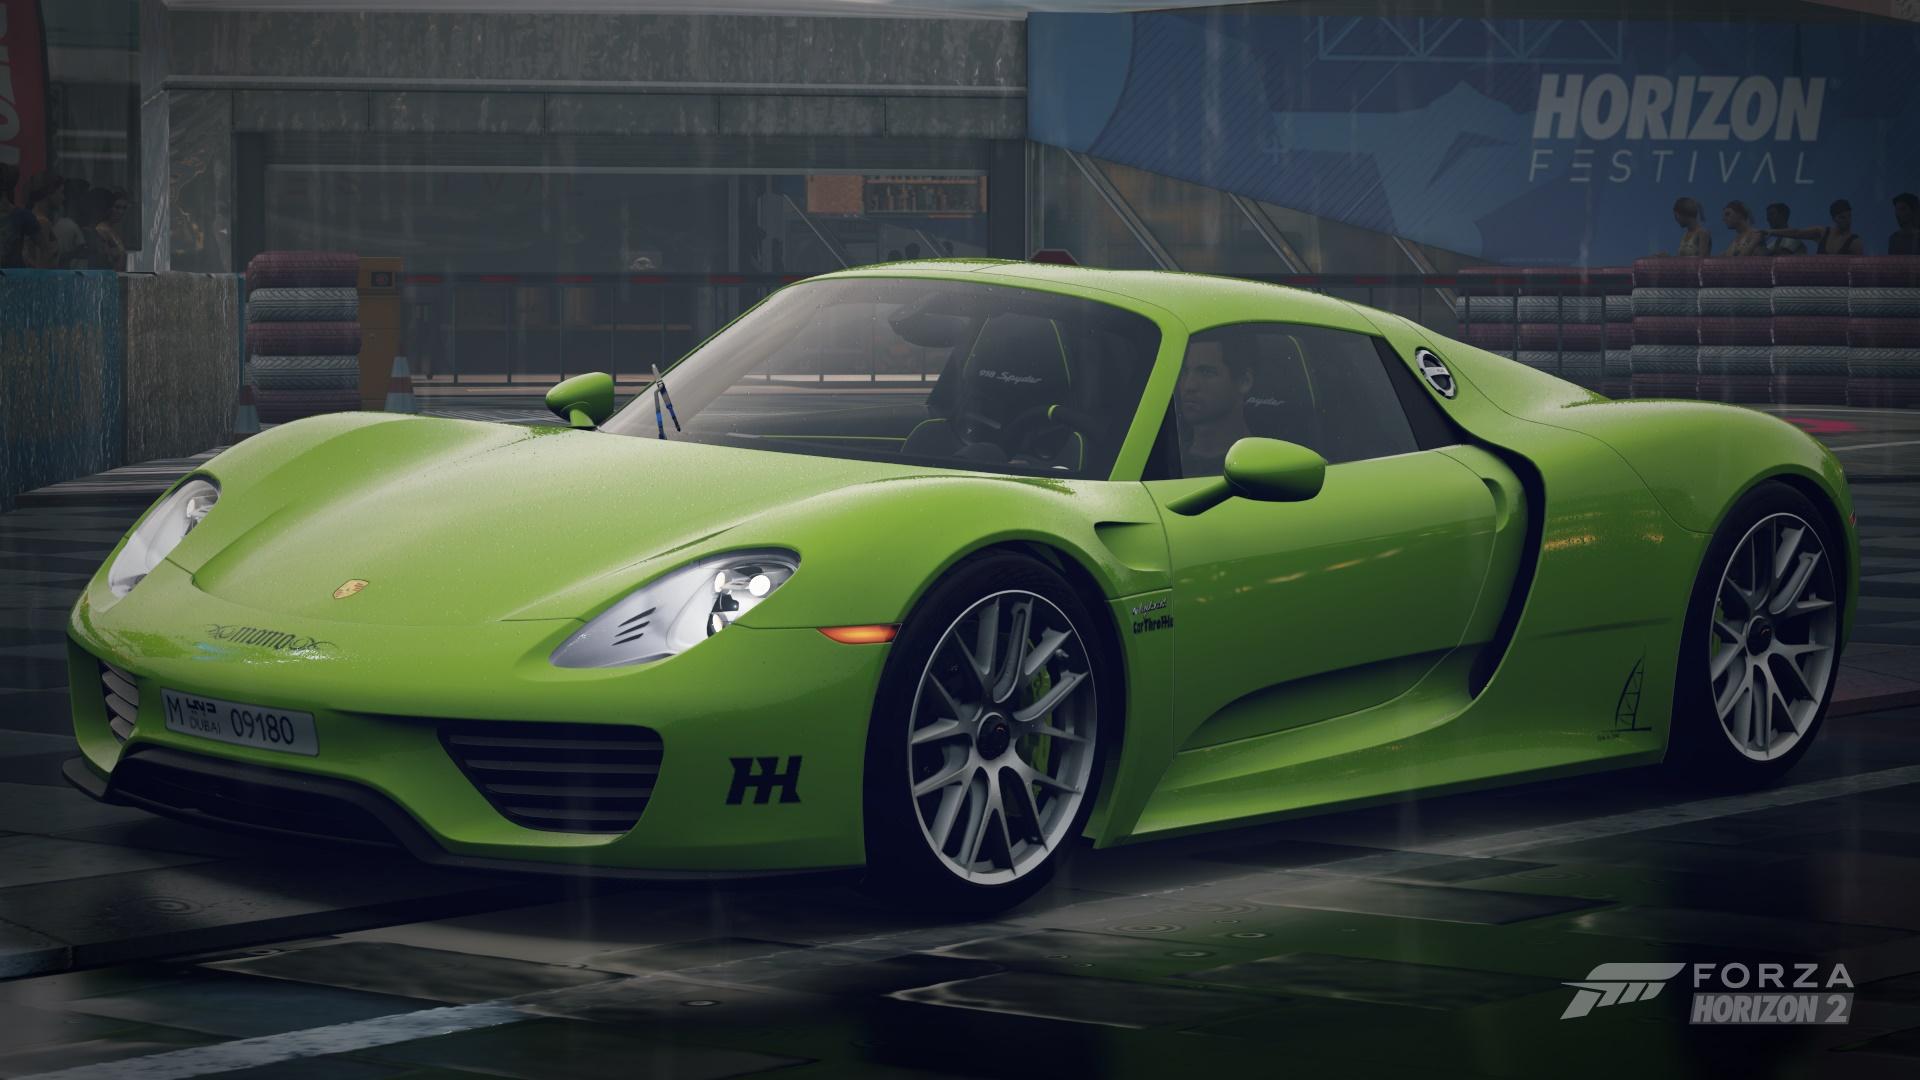 ssjs-557723d6a131e Gorgeous Porsche 918 Spyder Acid Green Cars Trend